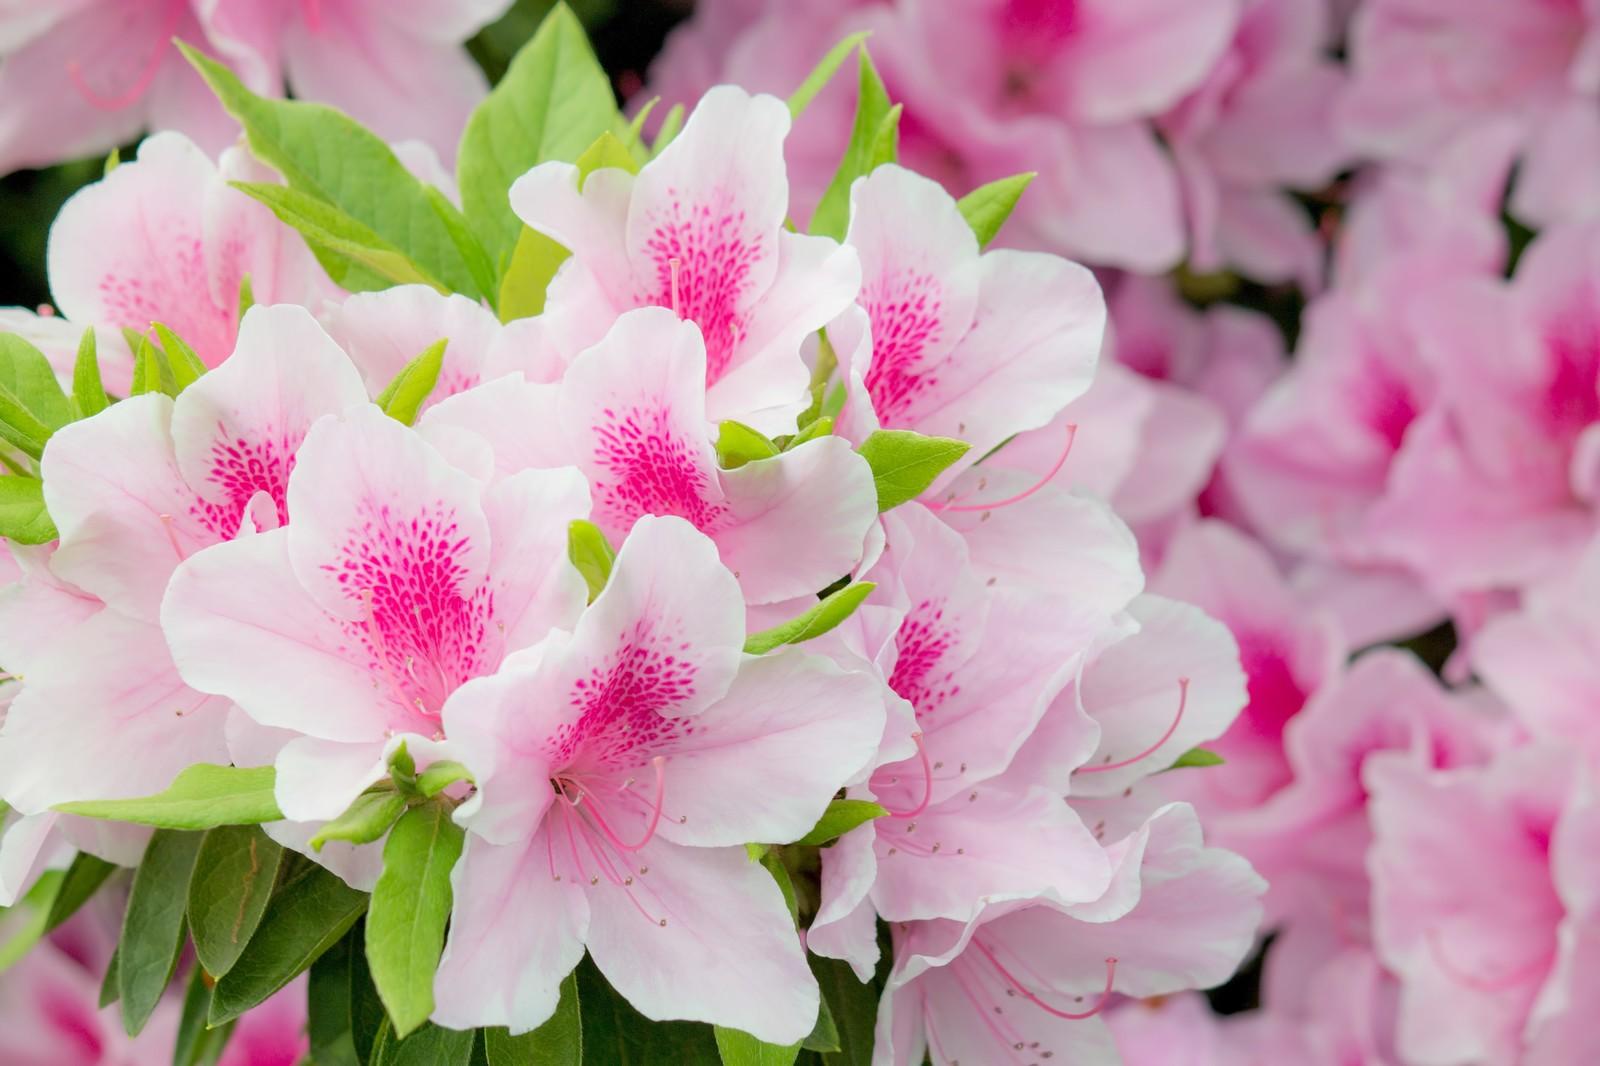 植木などにされる「つつじ」の花の甘い蜜・・・吸うと危険だったかも?!【みなさん子供の頃吸っていました?】